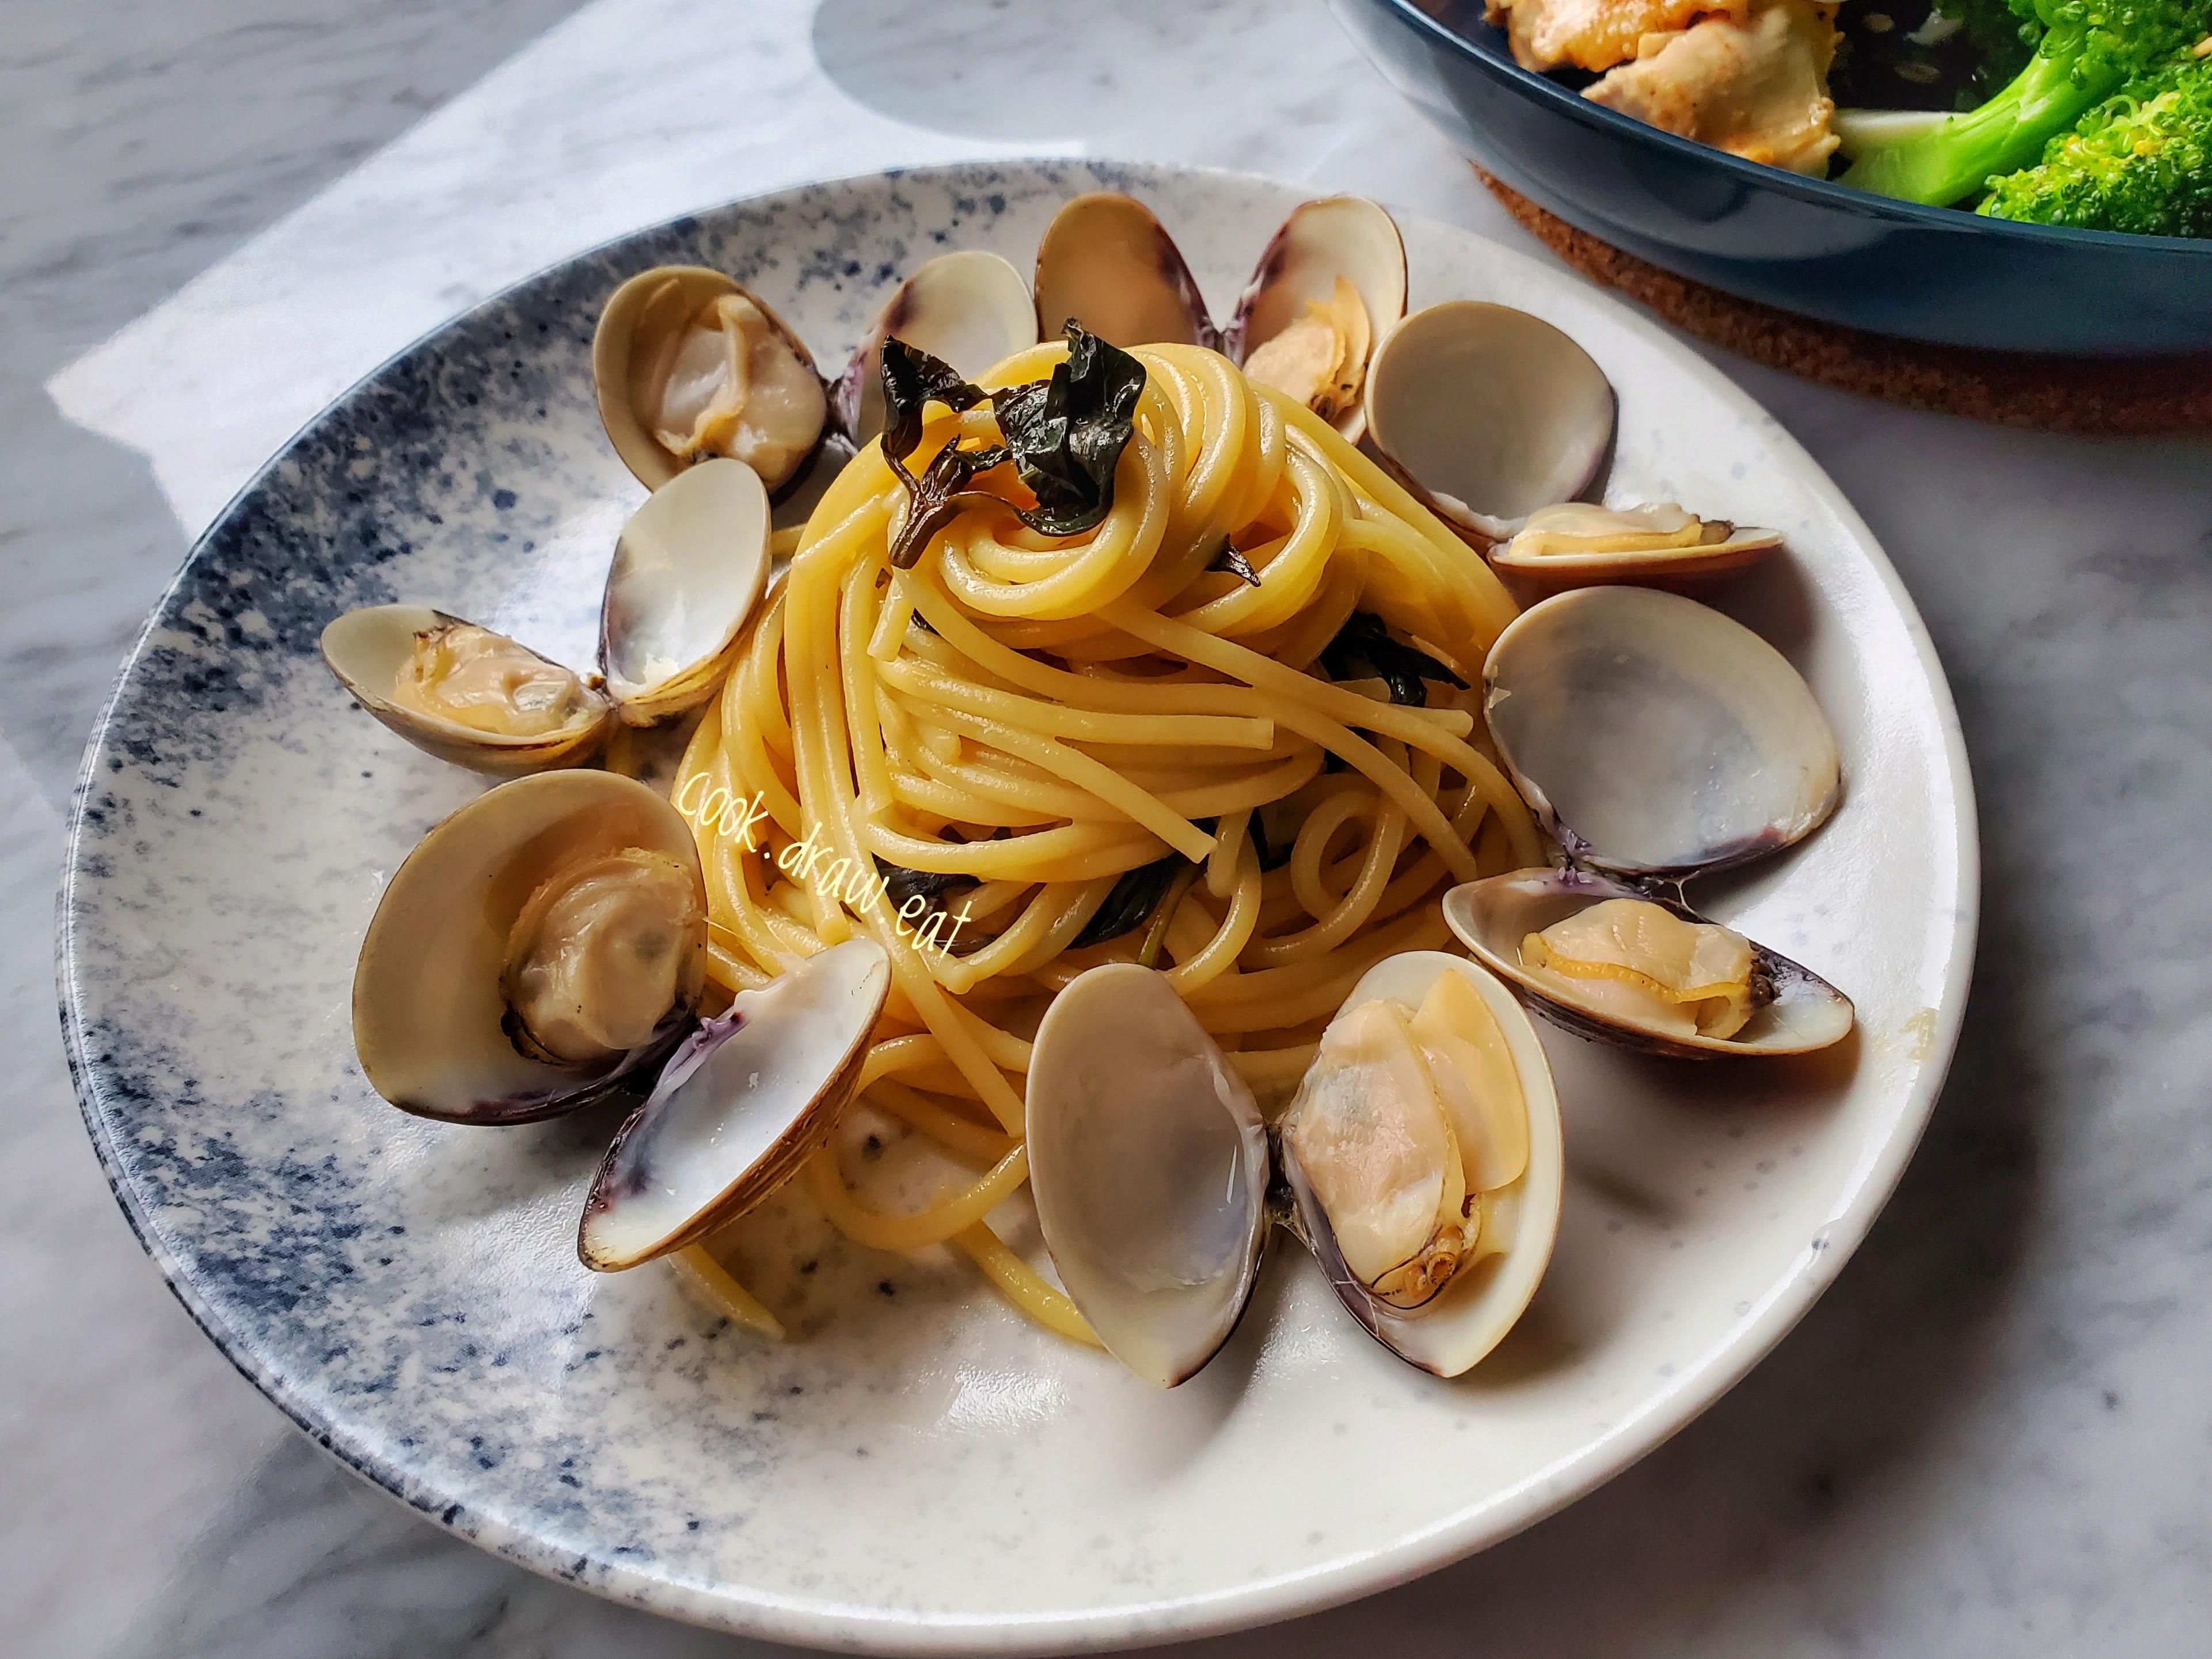 蒜香蛤蜊義大利麵 15分鐘上菜